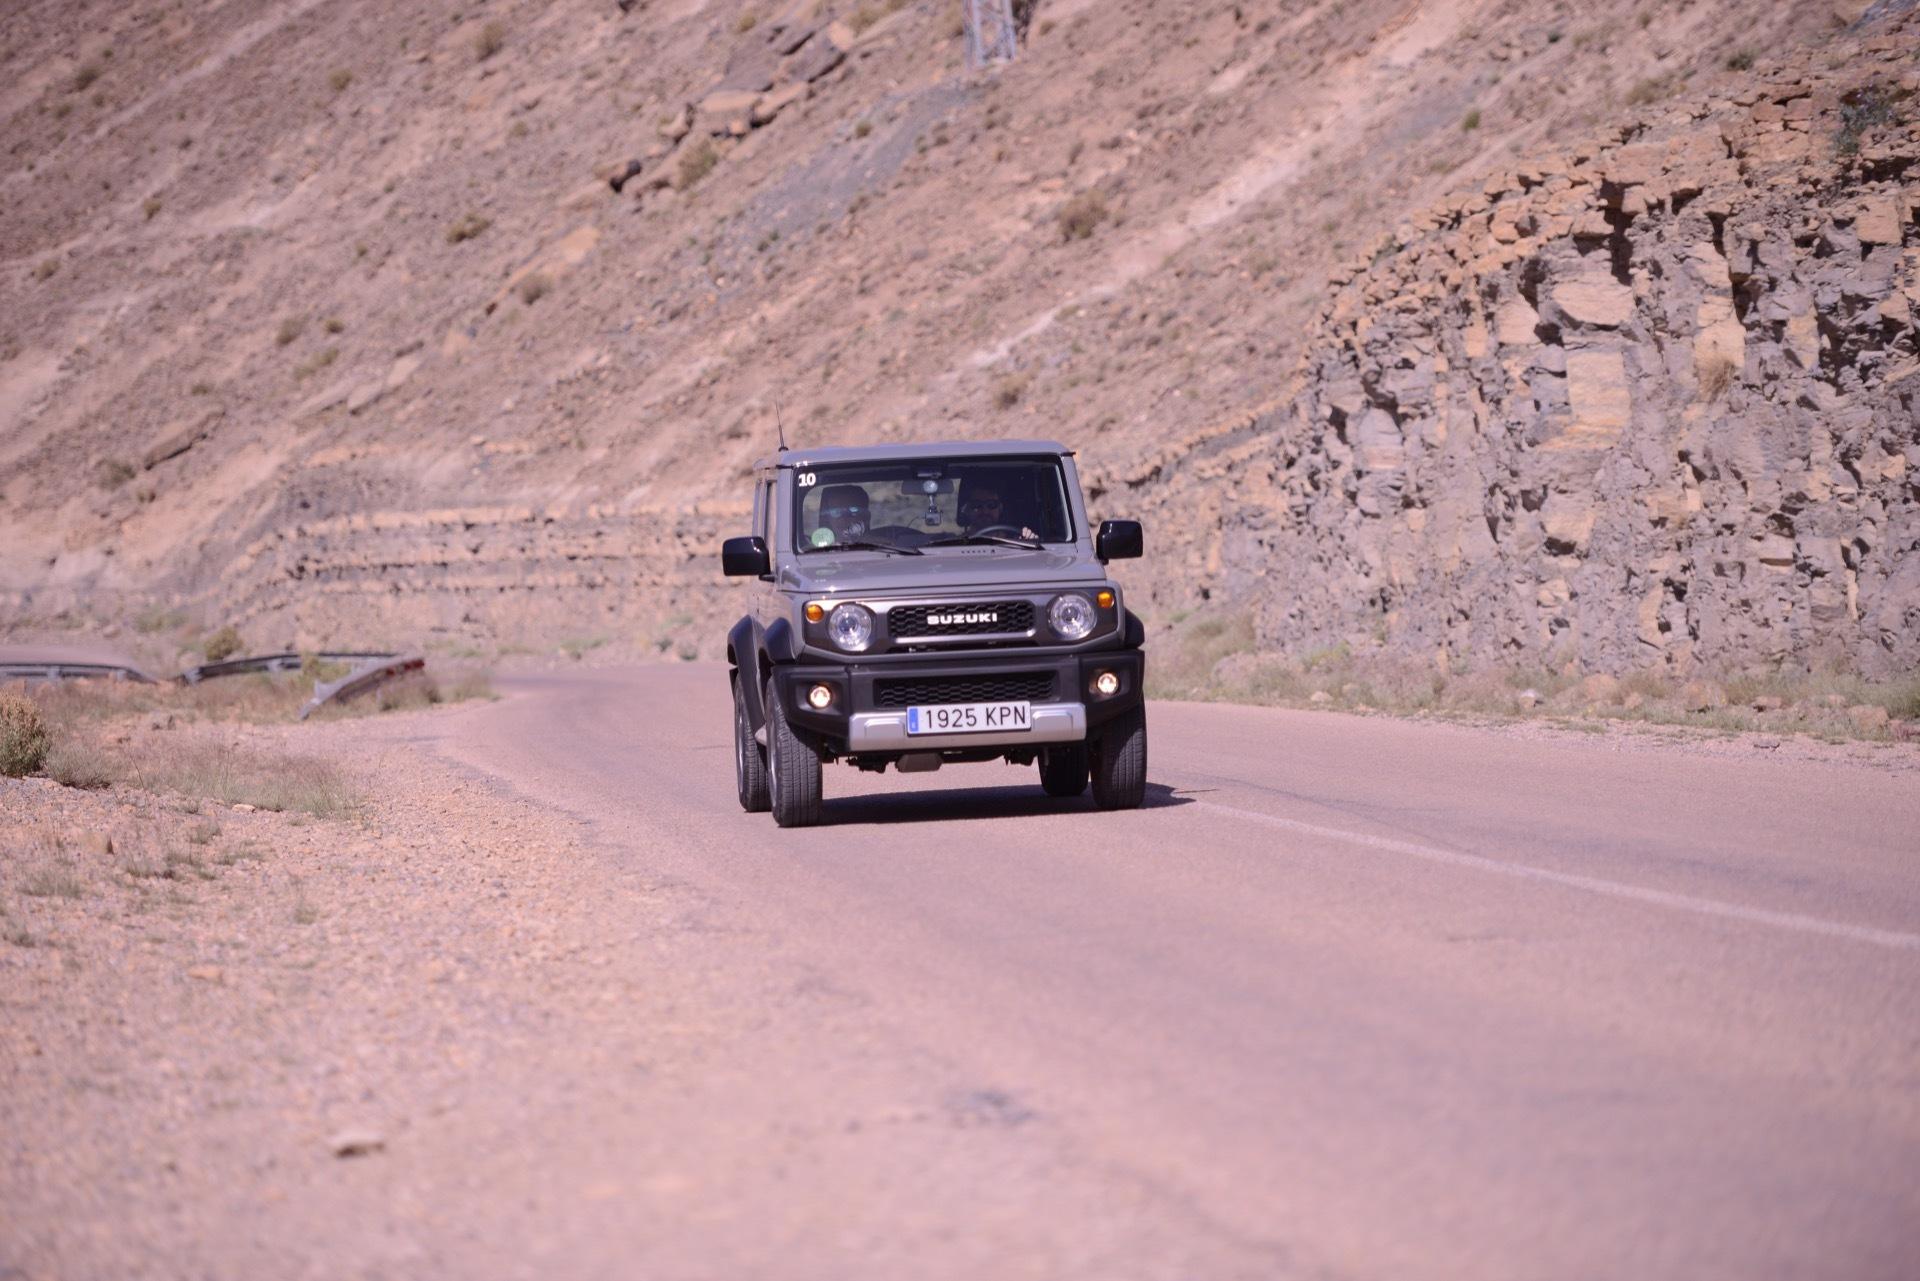 Suzuki Jimny Desert Experience 2019 00083